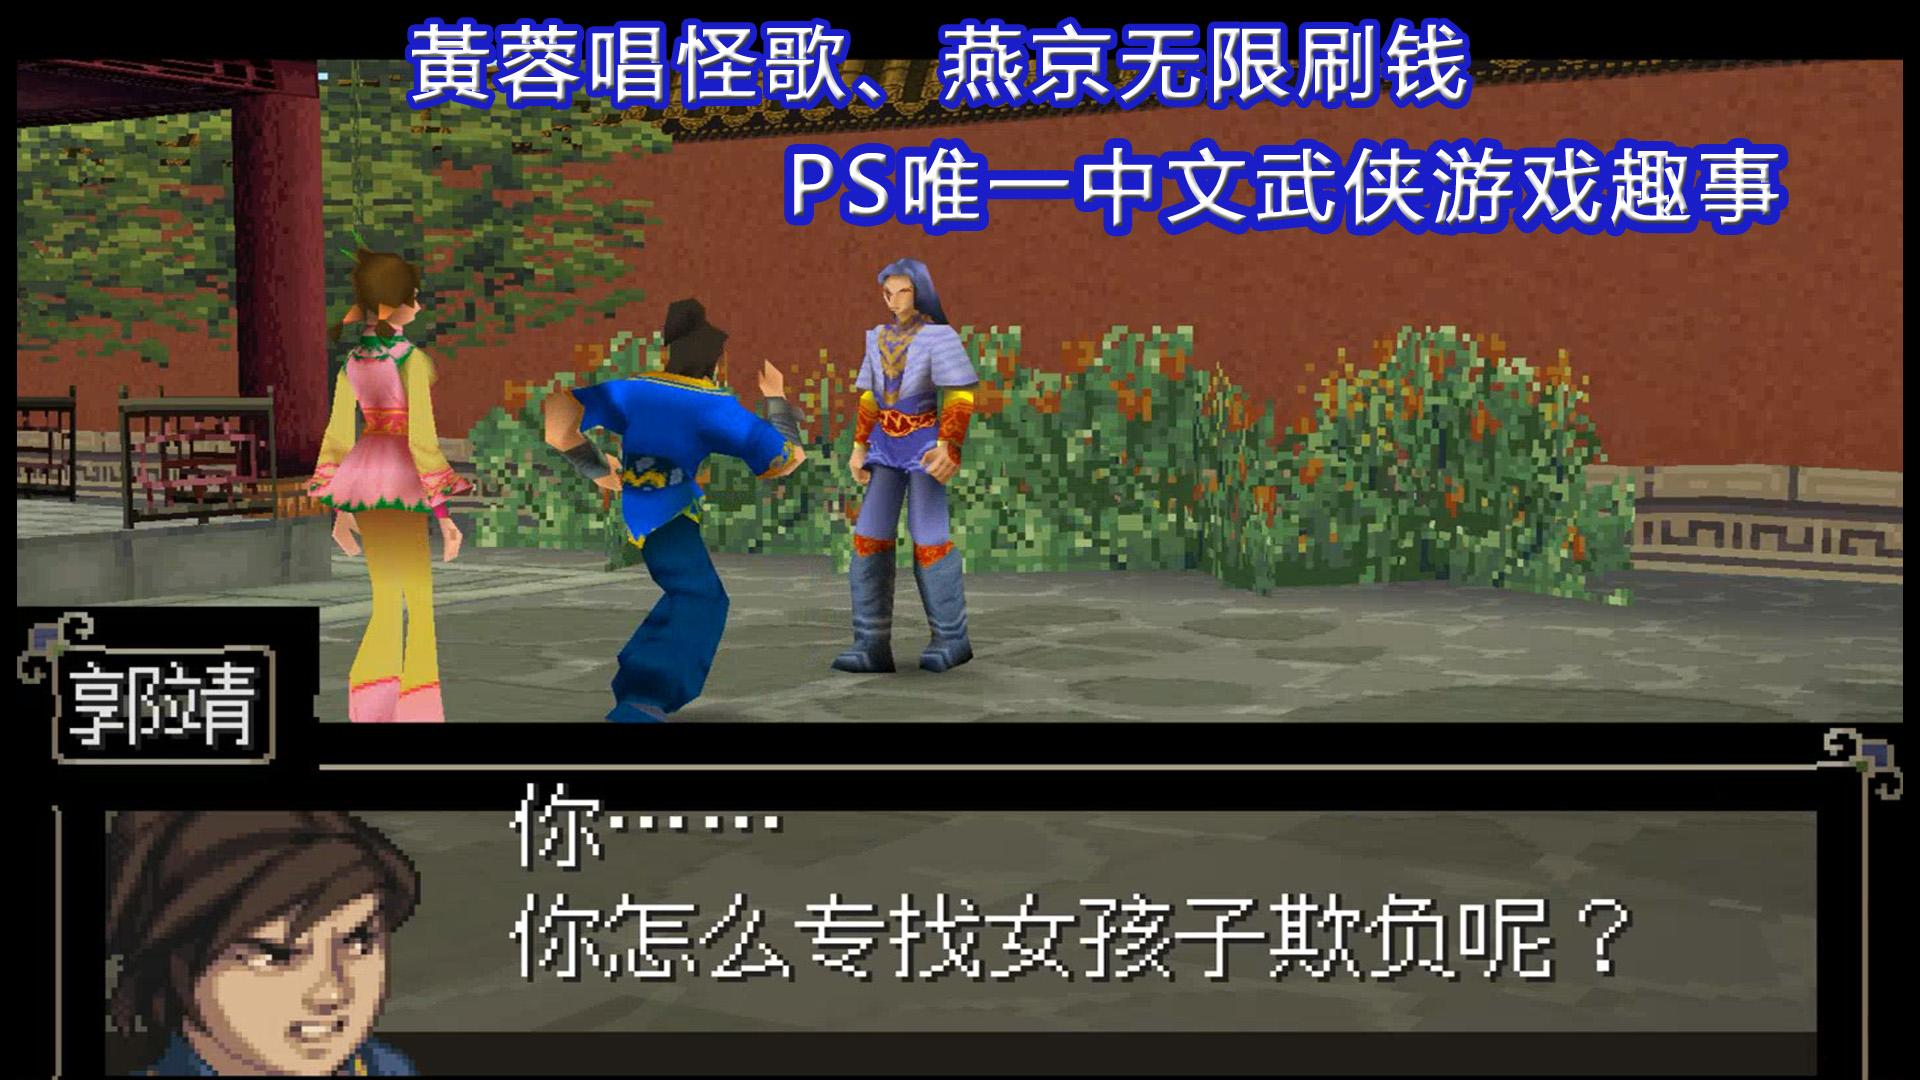 黄蓉唱的怪歌,困扰了我20年,PS唯一中文武侠游戏里的那些趣事